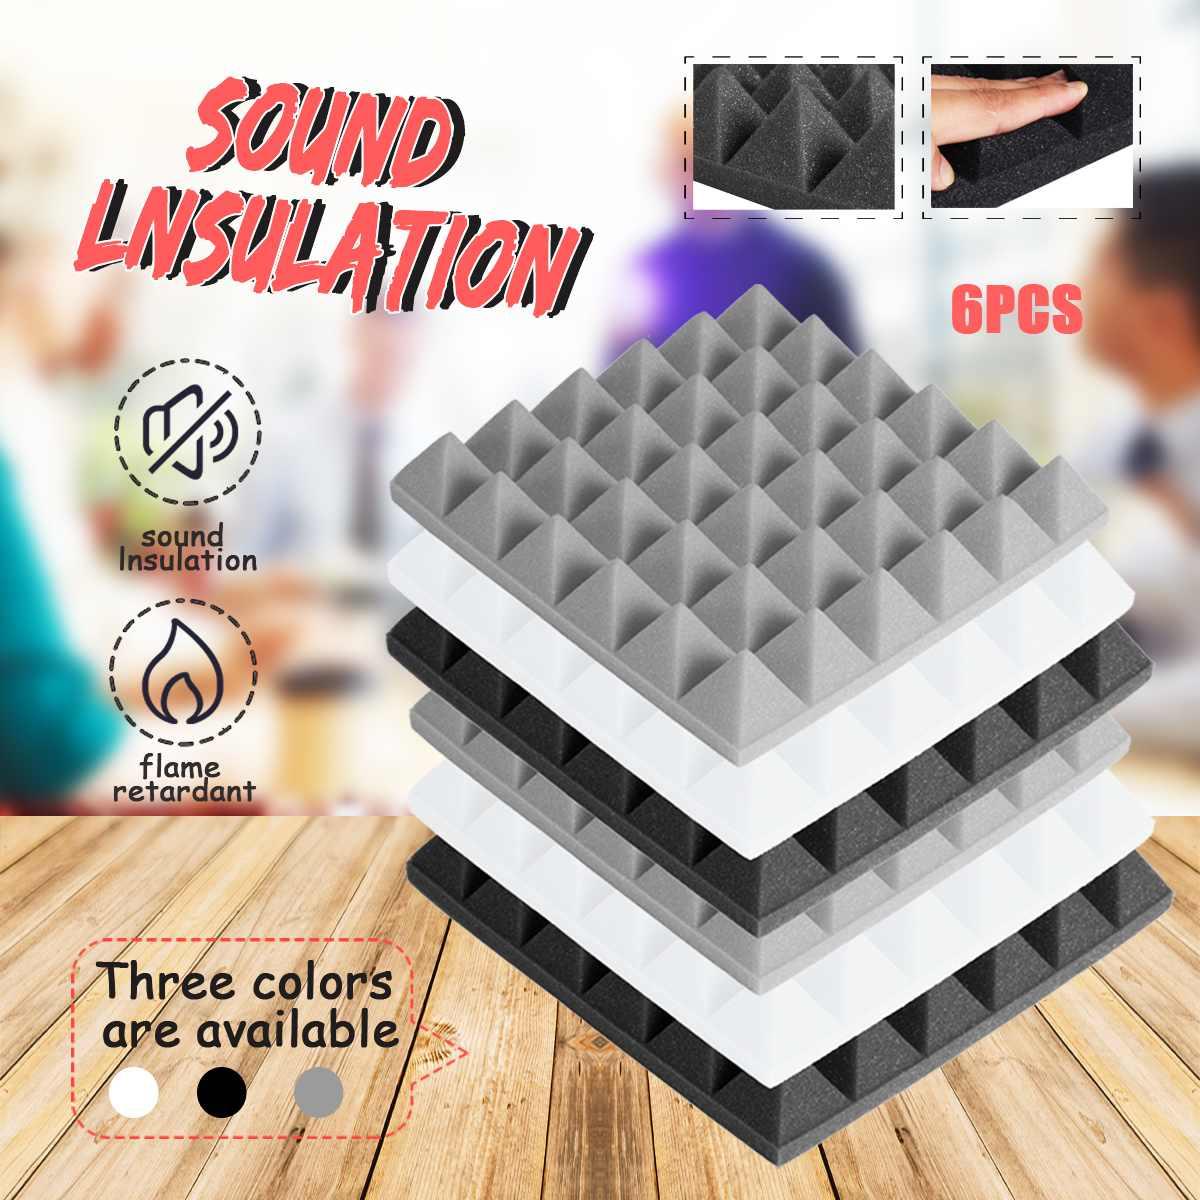 6pcs 30x30x5cm Pyramid Sound Absorbing Sponge Stop Absorption Sponge Drum Room Accessories Cotton Noise Sponge Thickness 5cm